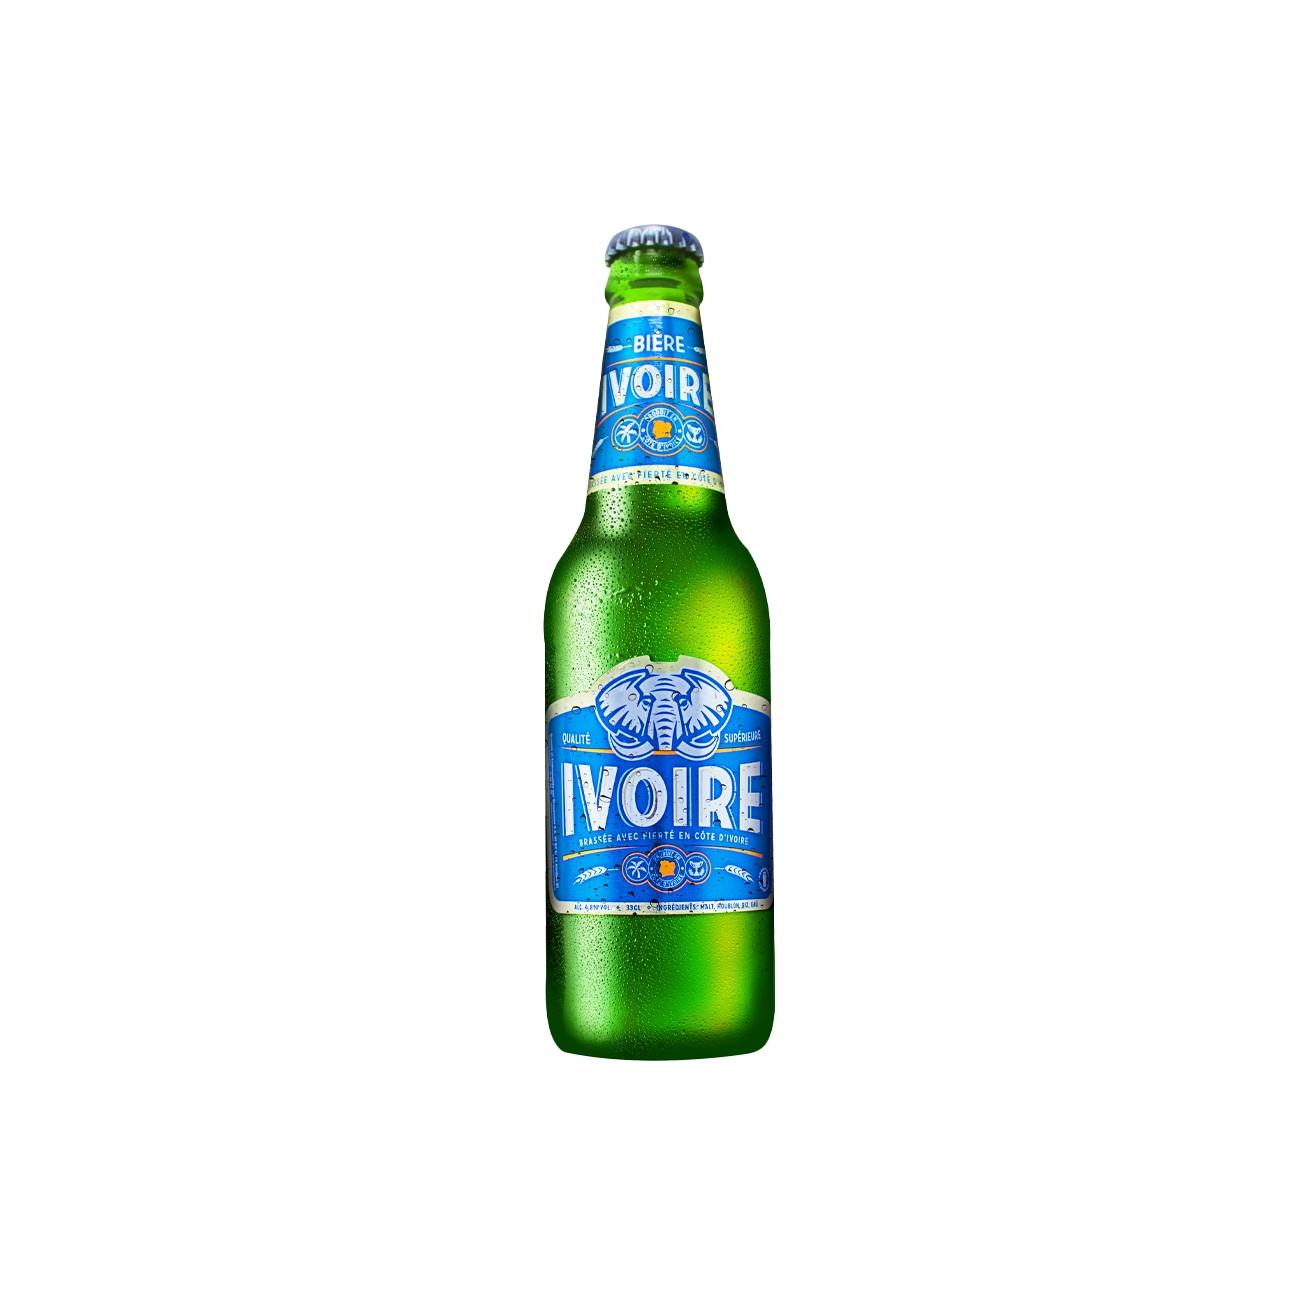 """Résultat de recherche d'images pour """"ivoire biere"""""""